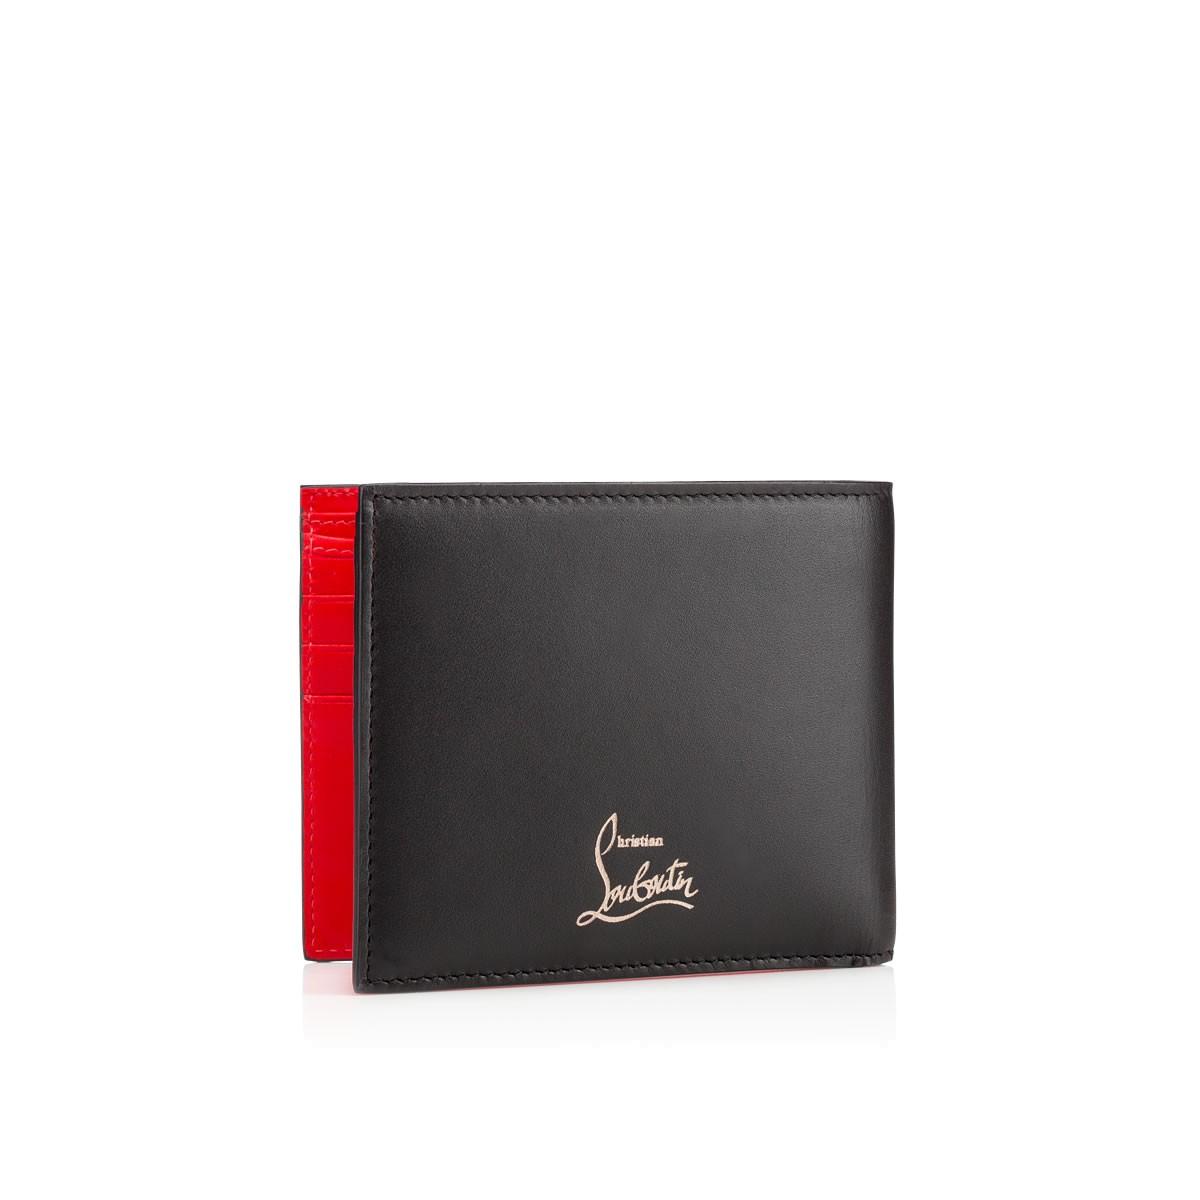 Christian Louboutin Kaspero Wallet In Black For Men Lyst